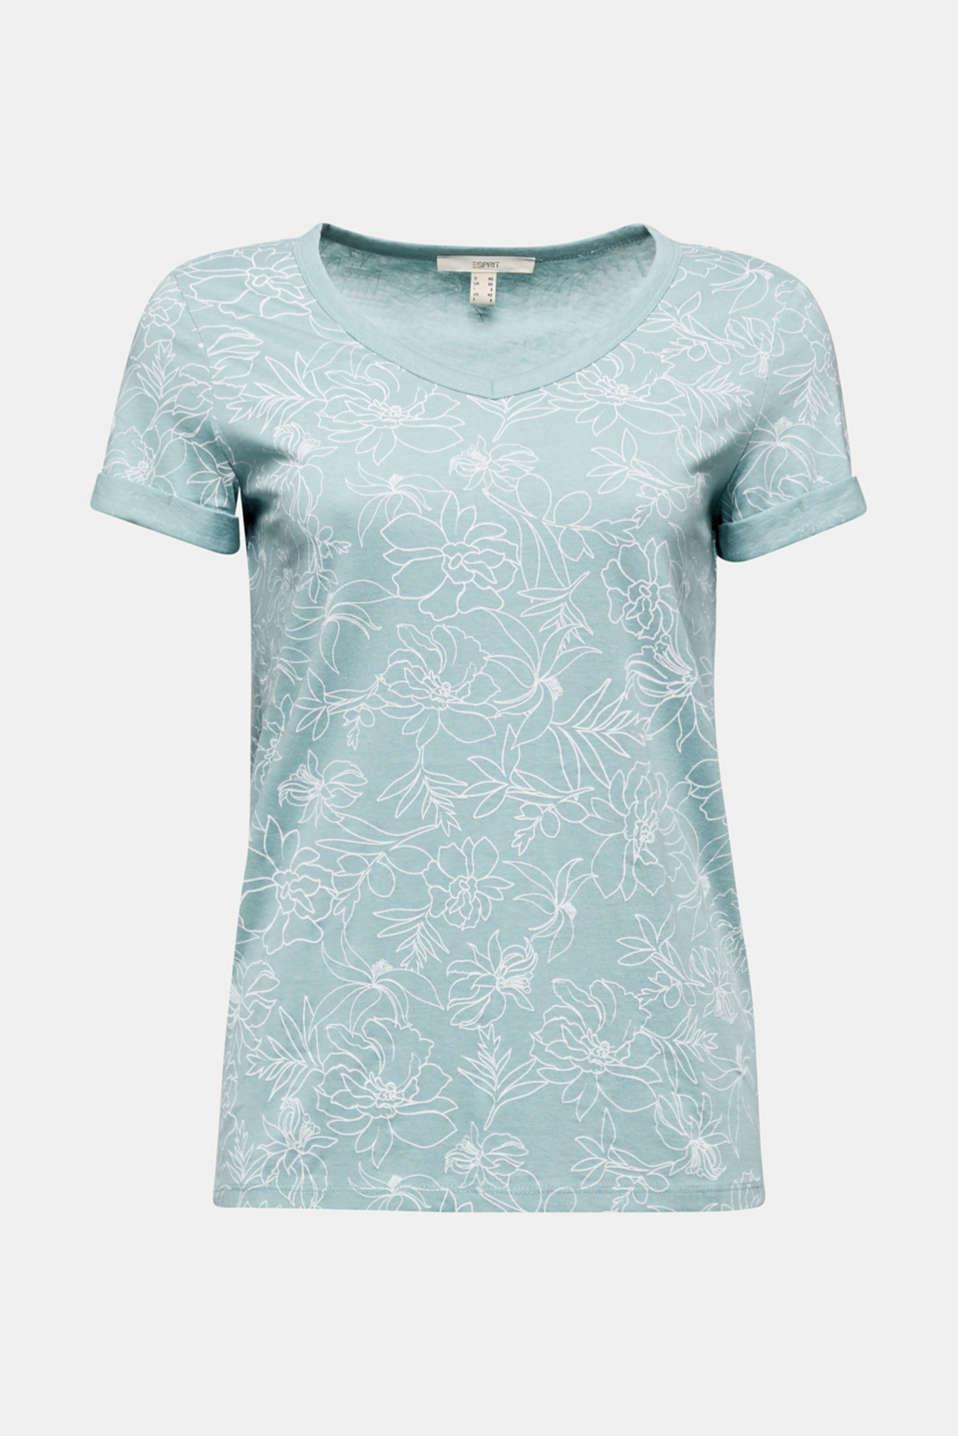 Blended linen V-neck top with a print, LIGHT AQUA GREEN 4, detail image number 5